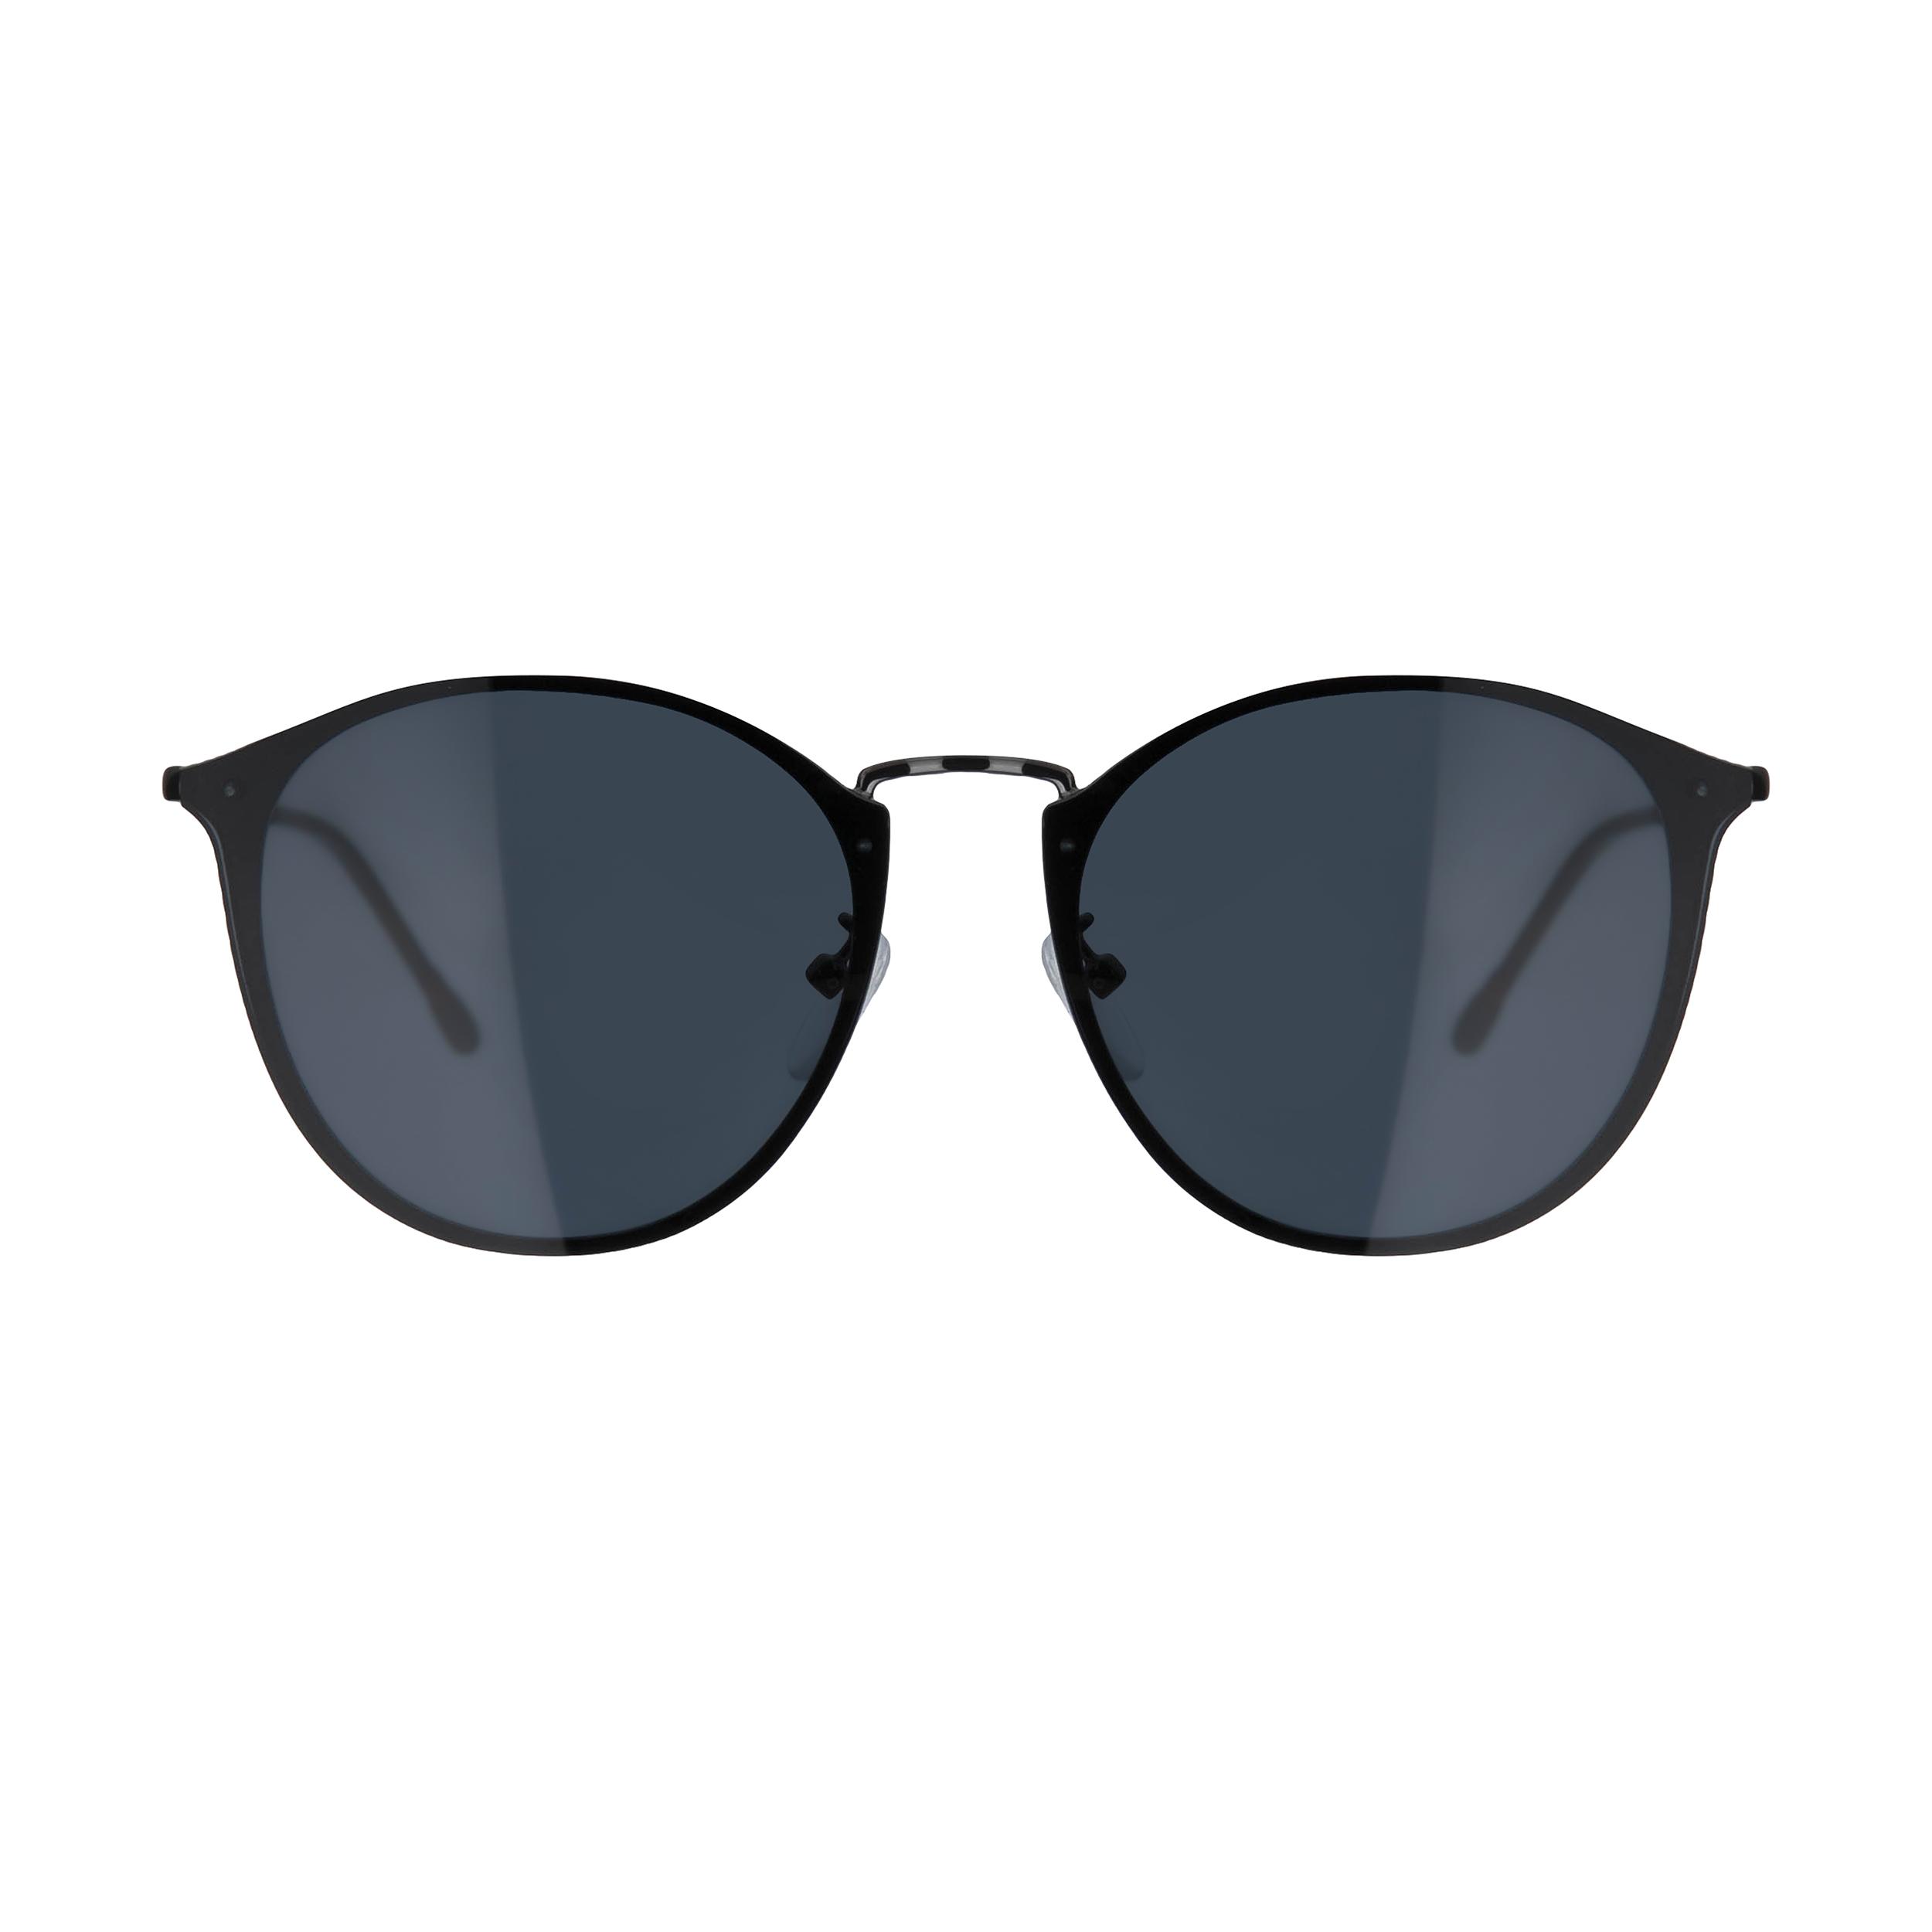 عینک آفتابی زنانه کارولینا هررا مدل SHE128 0568